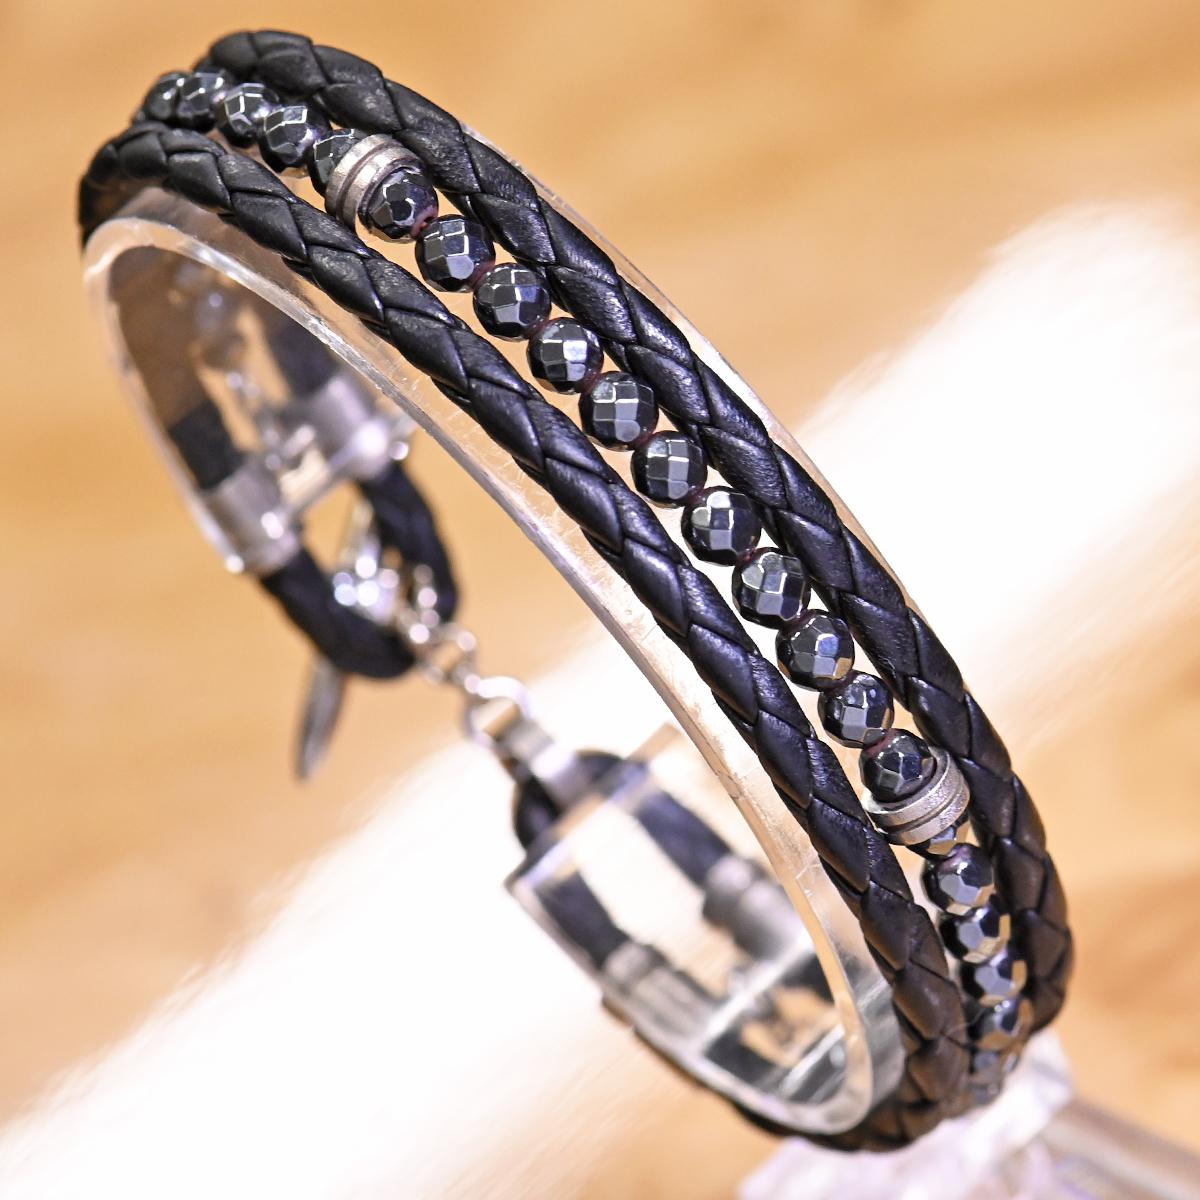 本物 美品 イーノス K18WG ダイヤモンド Felix イントレチャートレザー ヘマタイト ブレスレット 18.5cm メンズジュエリー E-NO'S_画像4